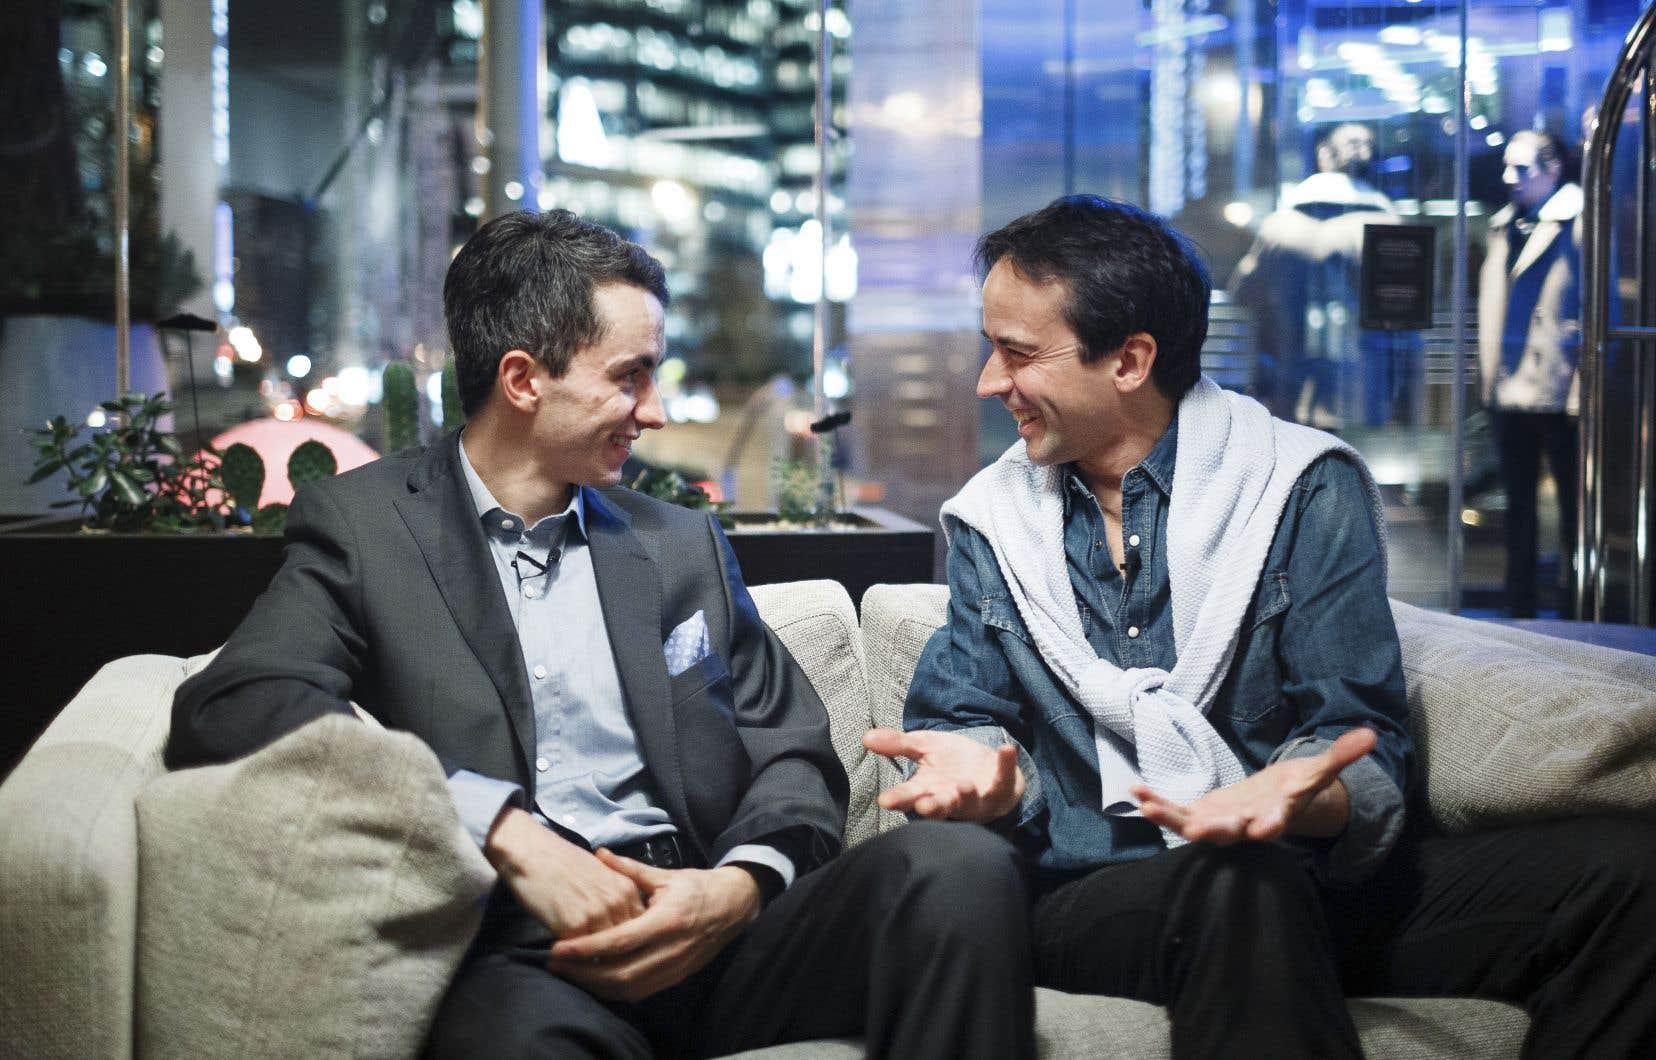 Stéphane Tétreault et Jean-Guihen Queyras s'amusent de leurs anecdotes de voyages avec leur précieux mais encombrant instrument.